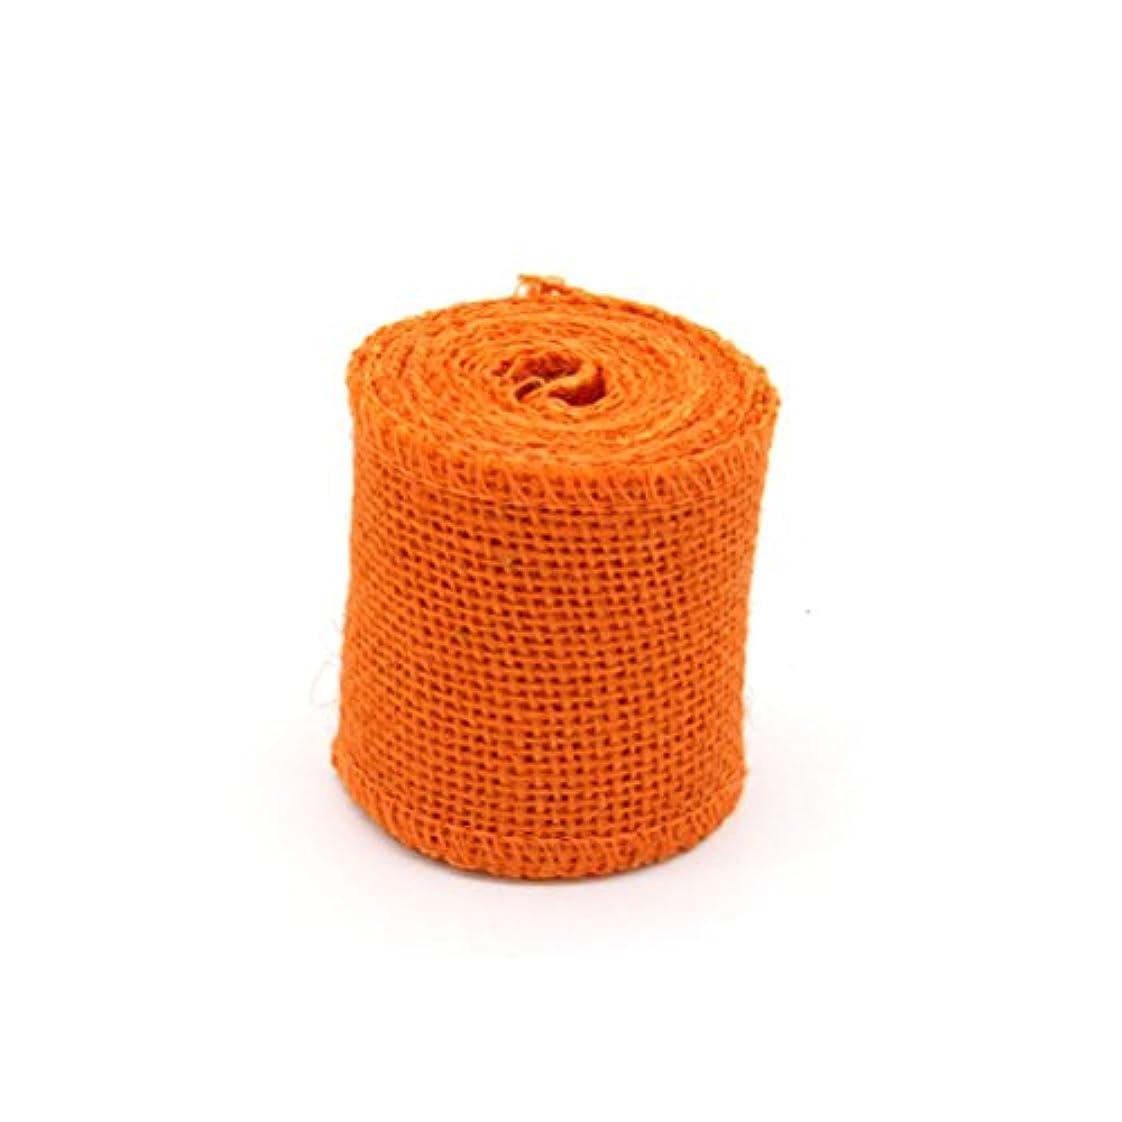 適応モーター腹痛Toyvian クリスマスデコレーション用2M Jute Burlapリボンロール(オレンジ)